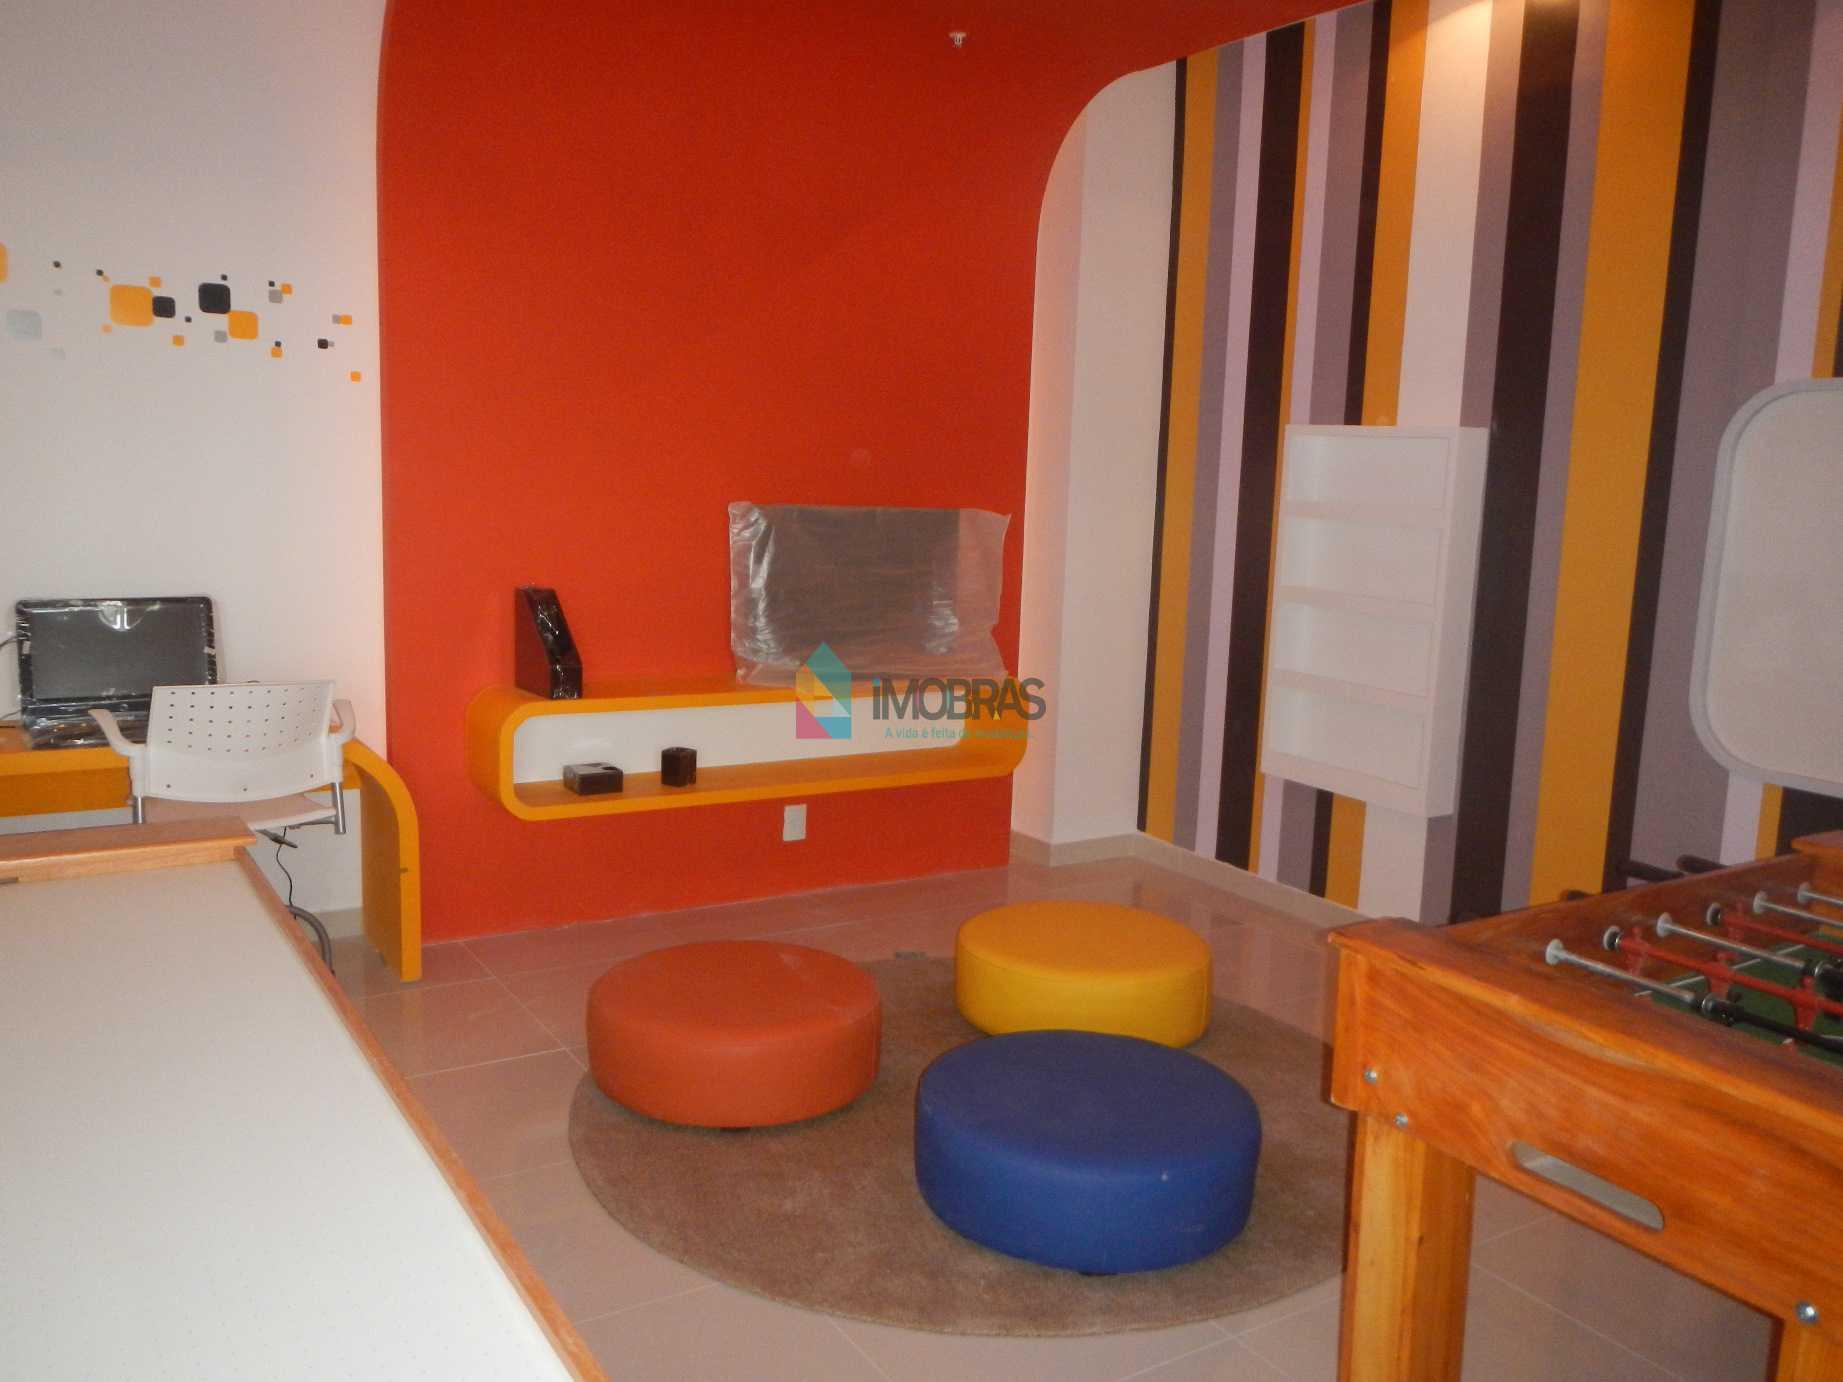 FOTO21 - Botafogo, fantástico, sala, 3 quartos, suite, dependências, garagem escriturada! Colado ao metro!! - AP1953 - 29